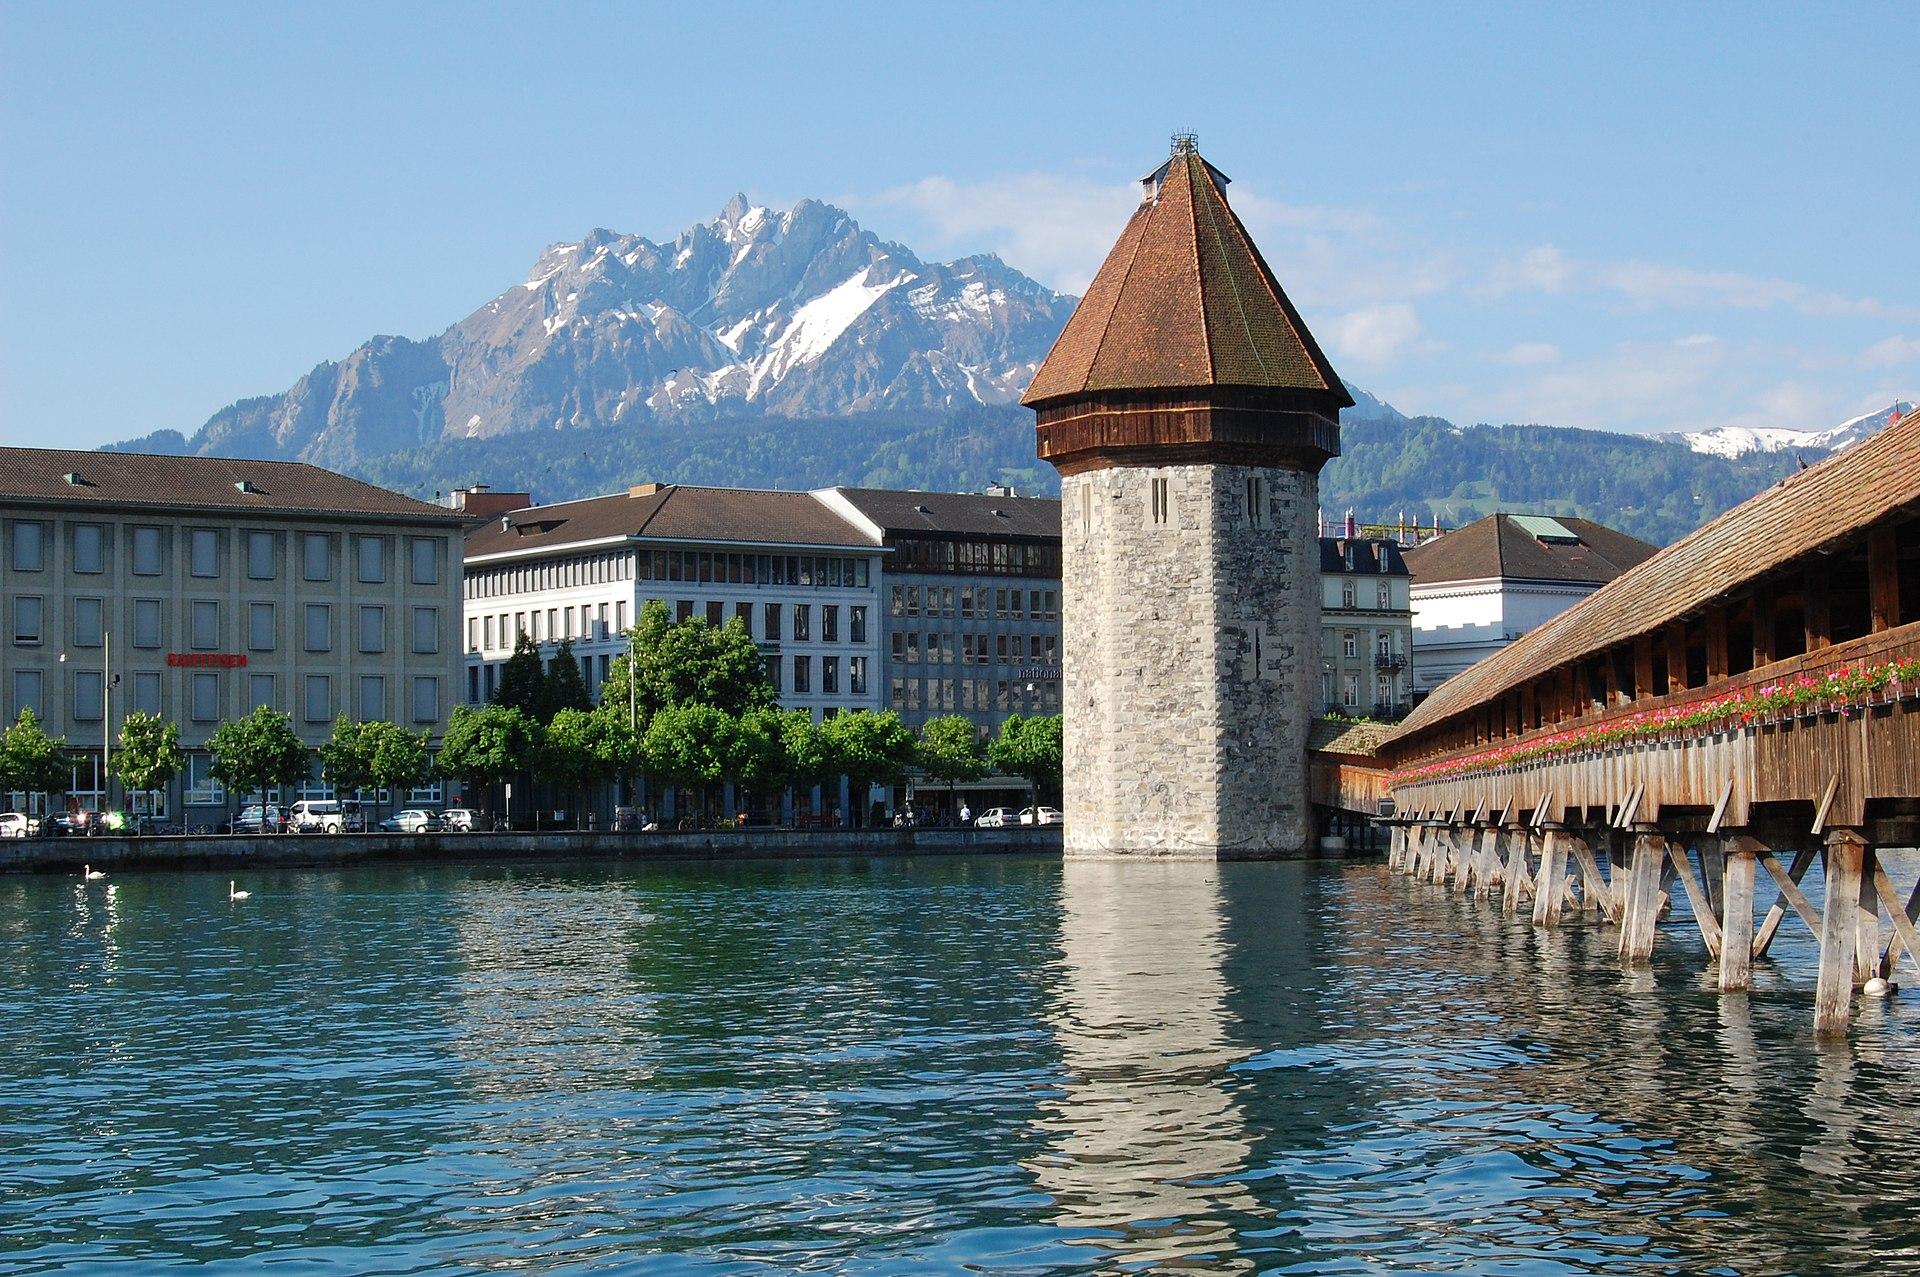 Luzern Wikipedia